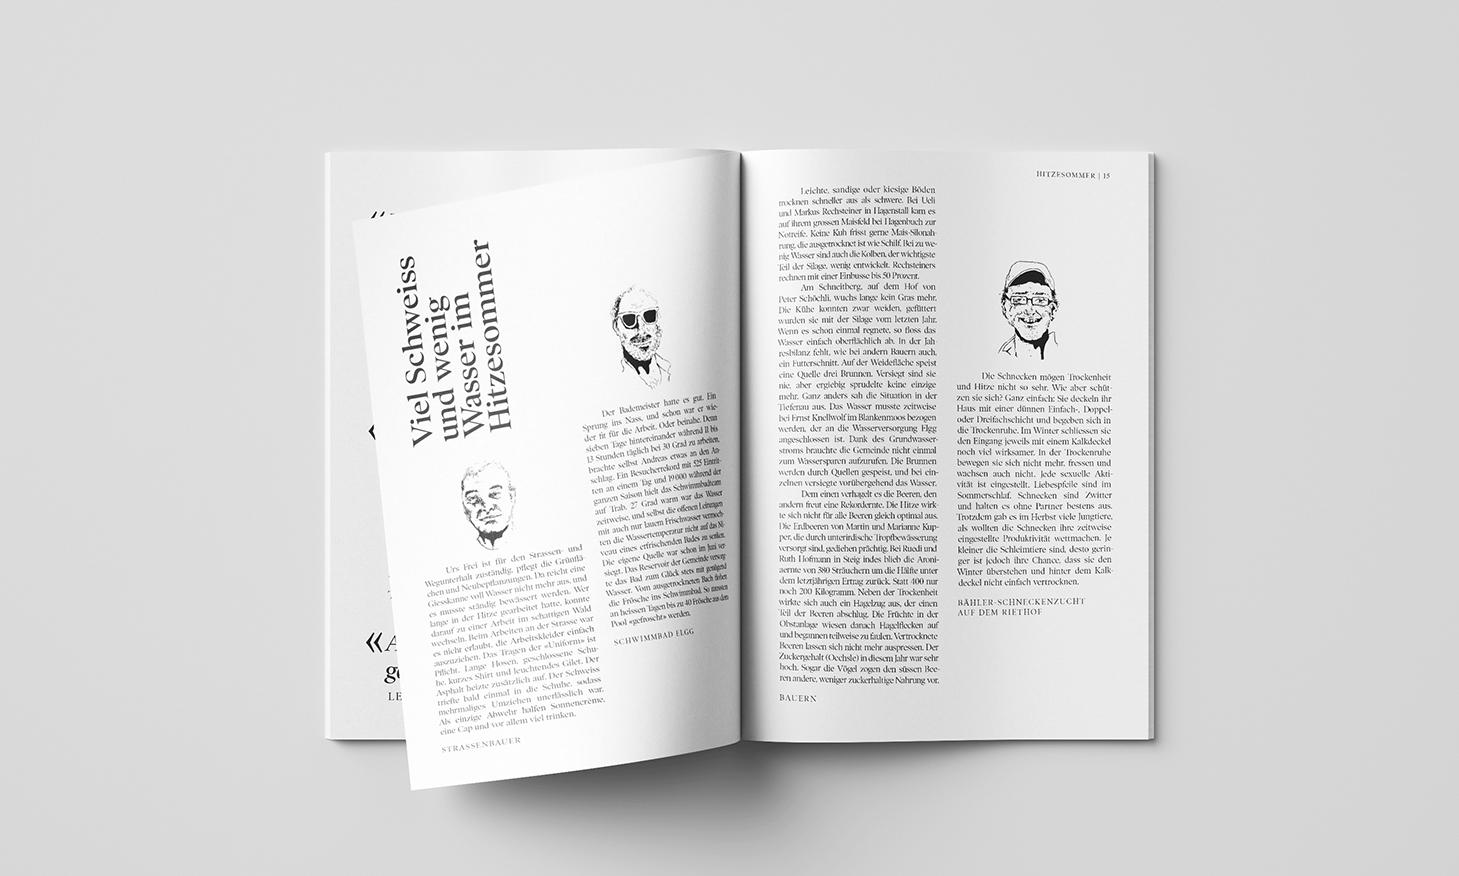 zelgg-gigermiesch-editorialdesign-branding-illustrationen